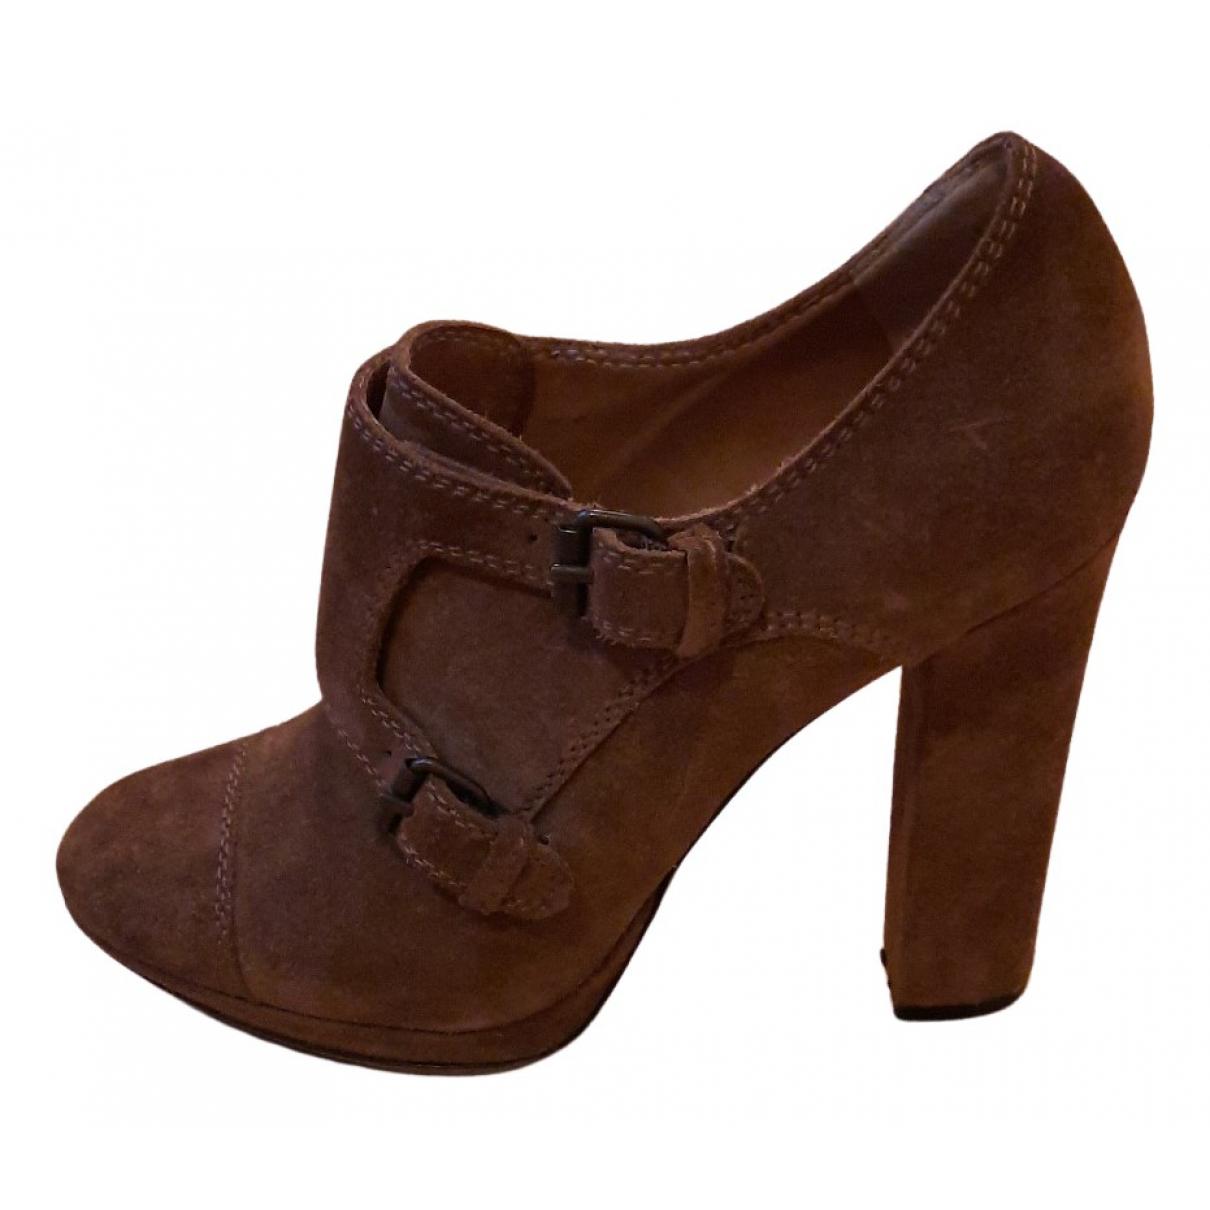 Lanvin - Boots   pour femme en cuir - camel